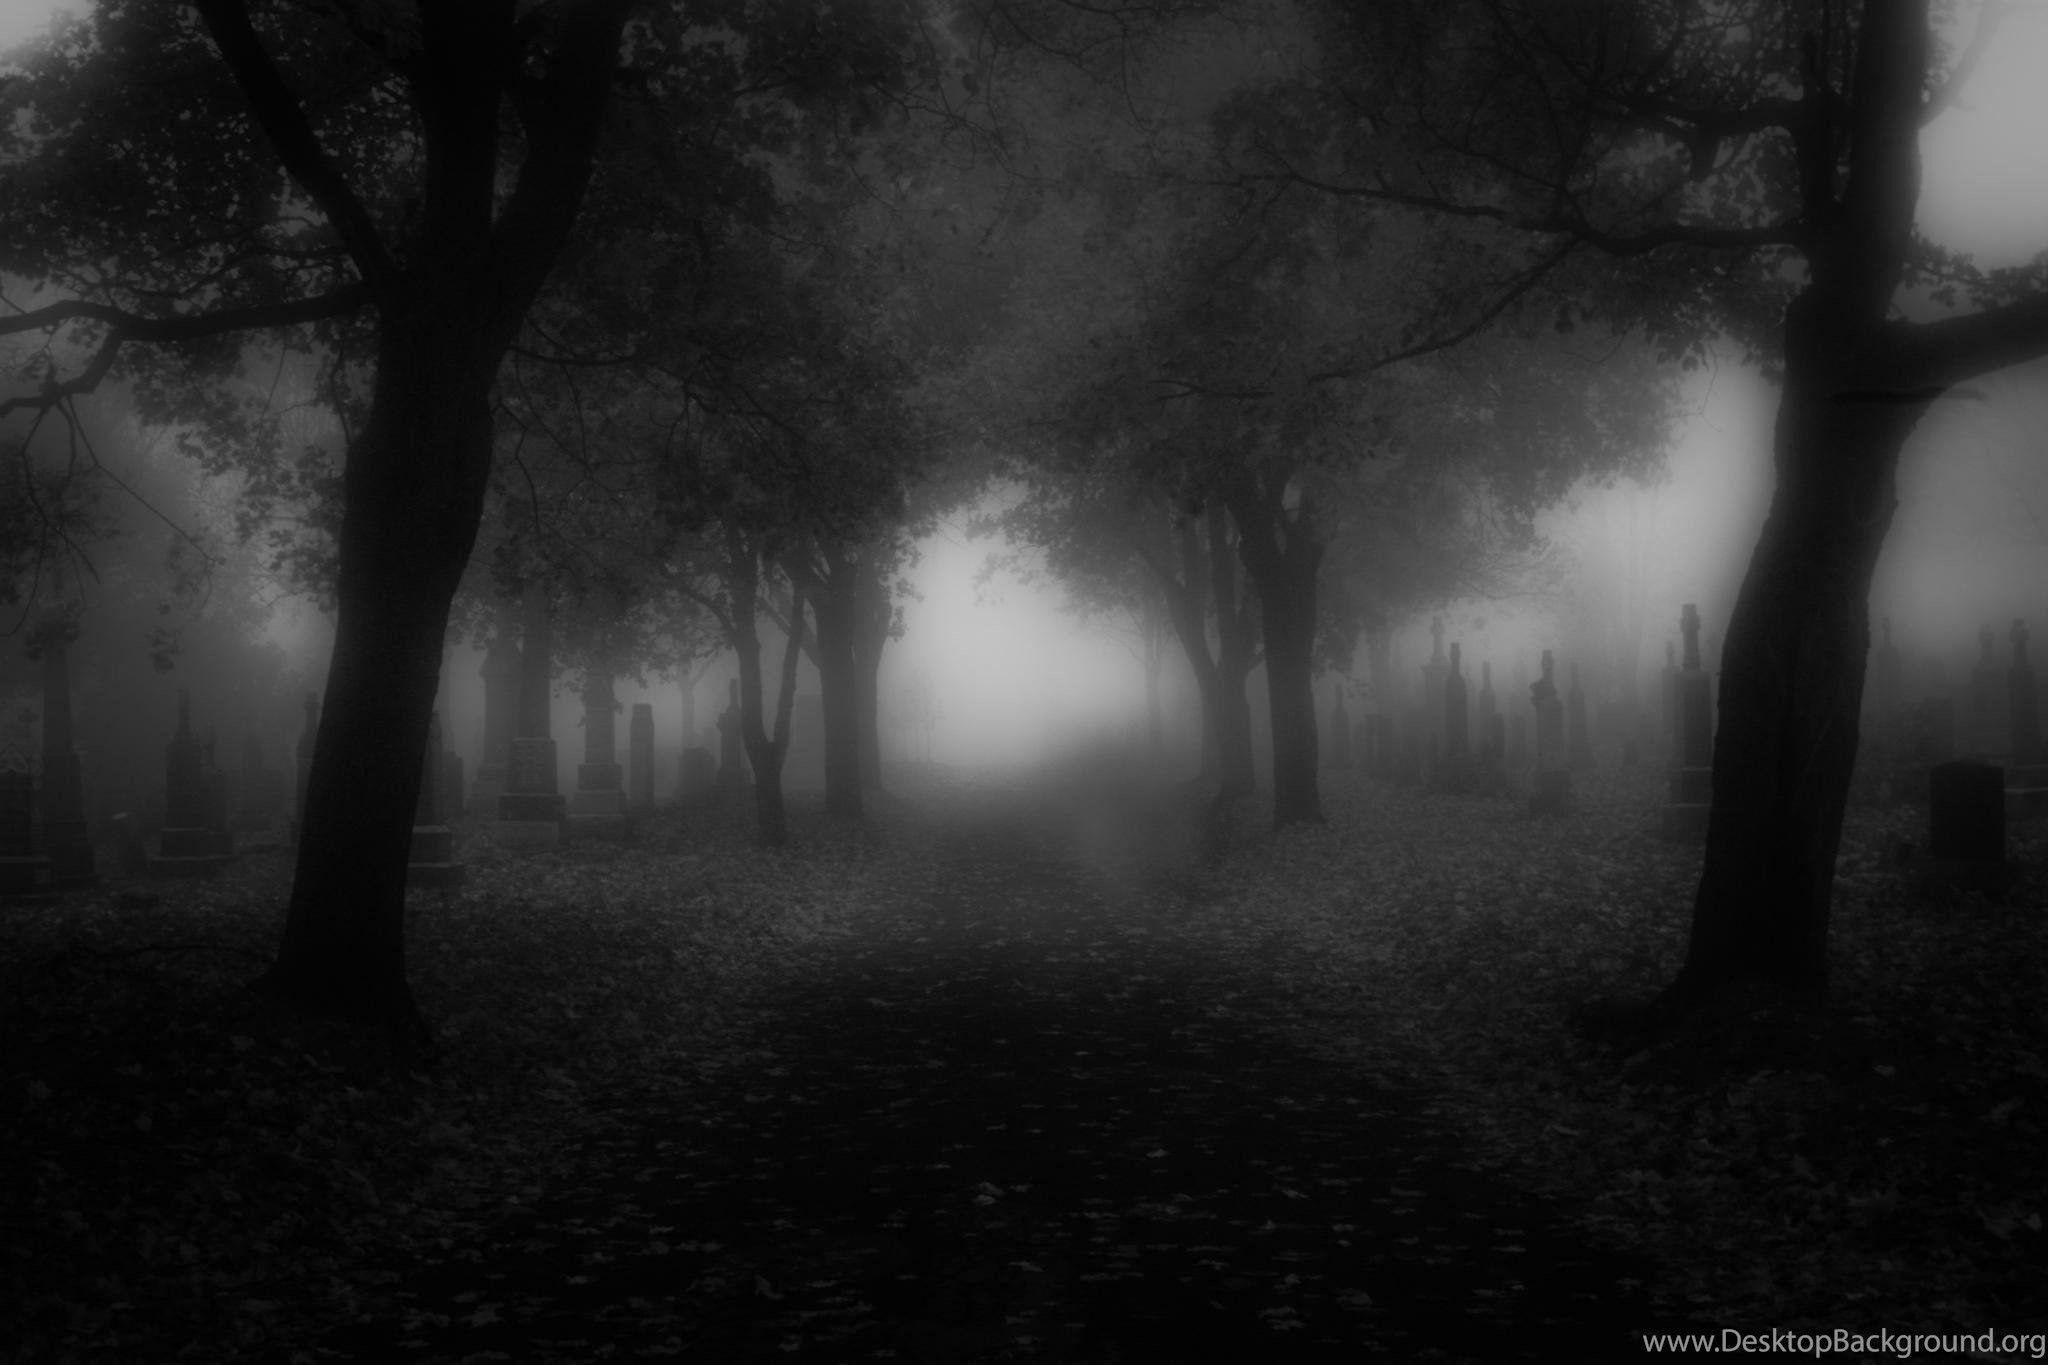 Res 2048x1365, DARK Evil Horror Spooky Creepy Scary